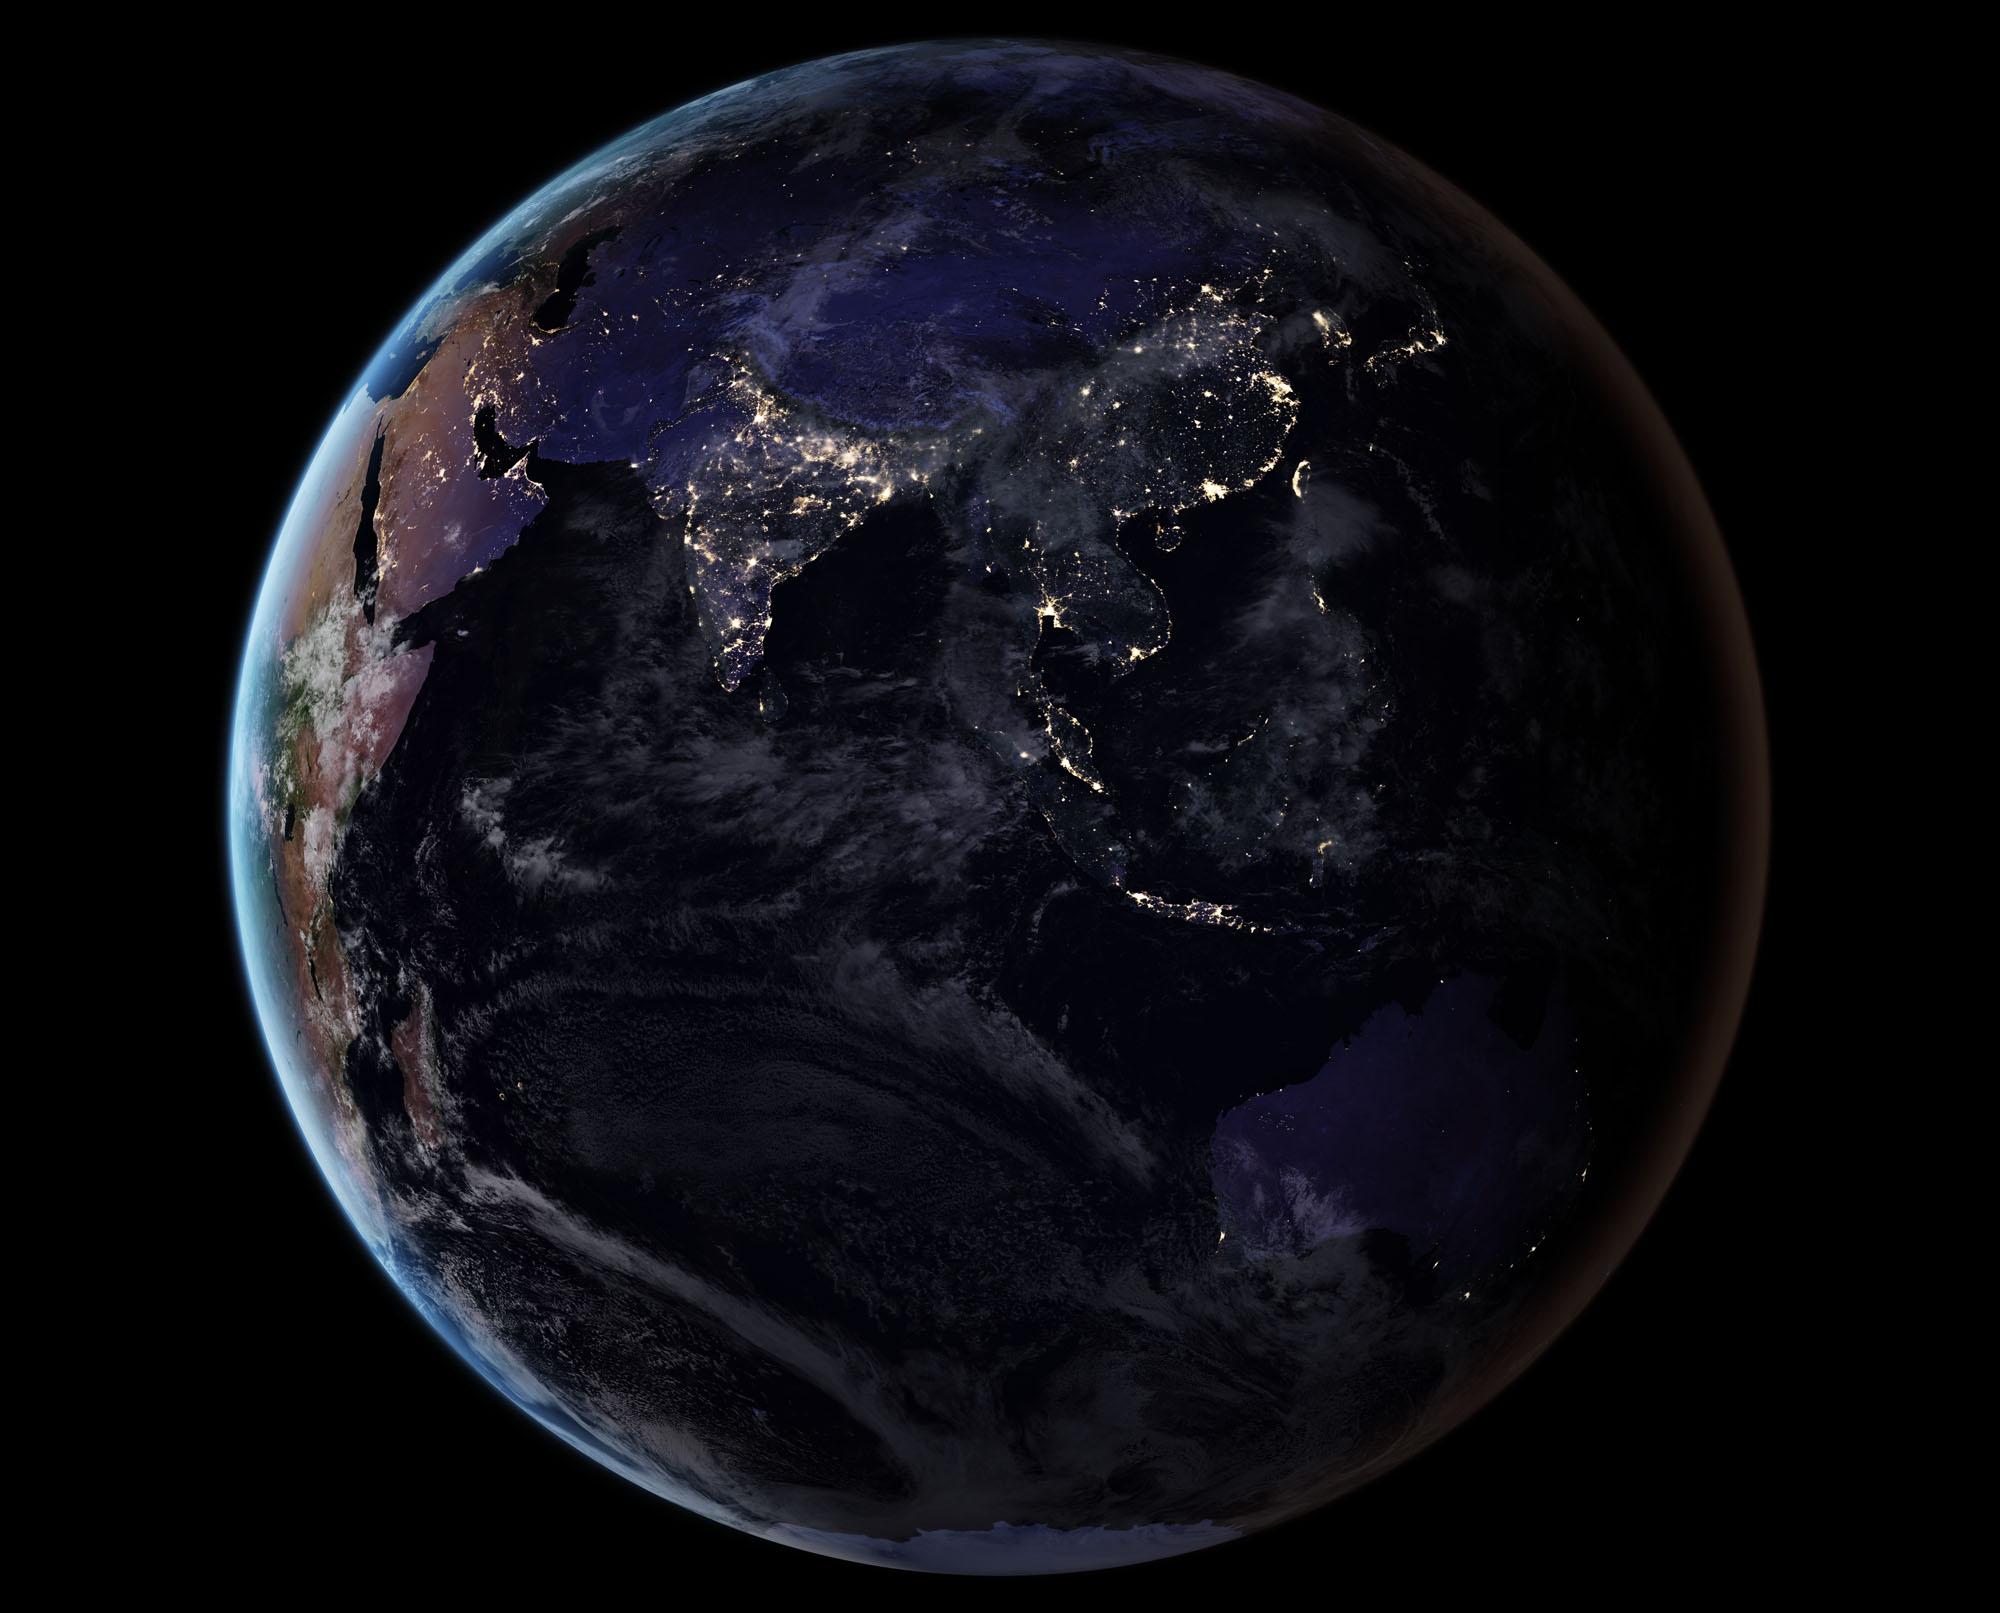 زمین به مدت دو هفته تاریک میشود